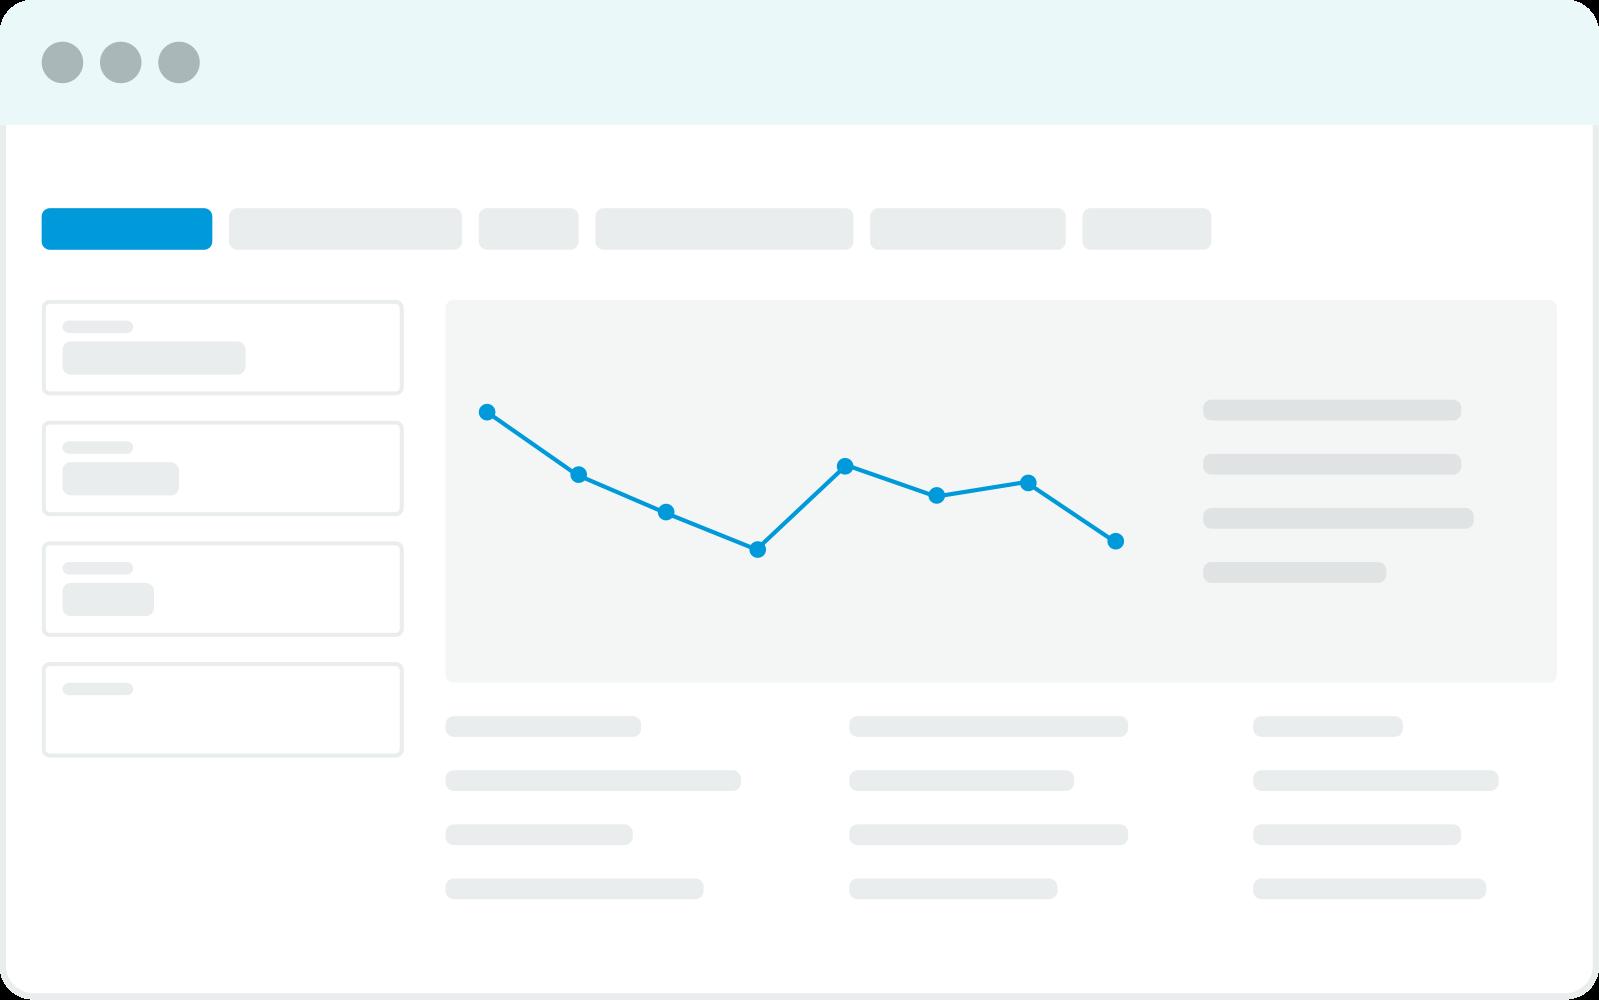 图表显示亚马逊卖家平台中自动重新定价和批量定价的工具